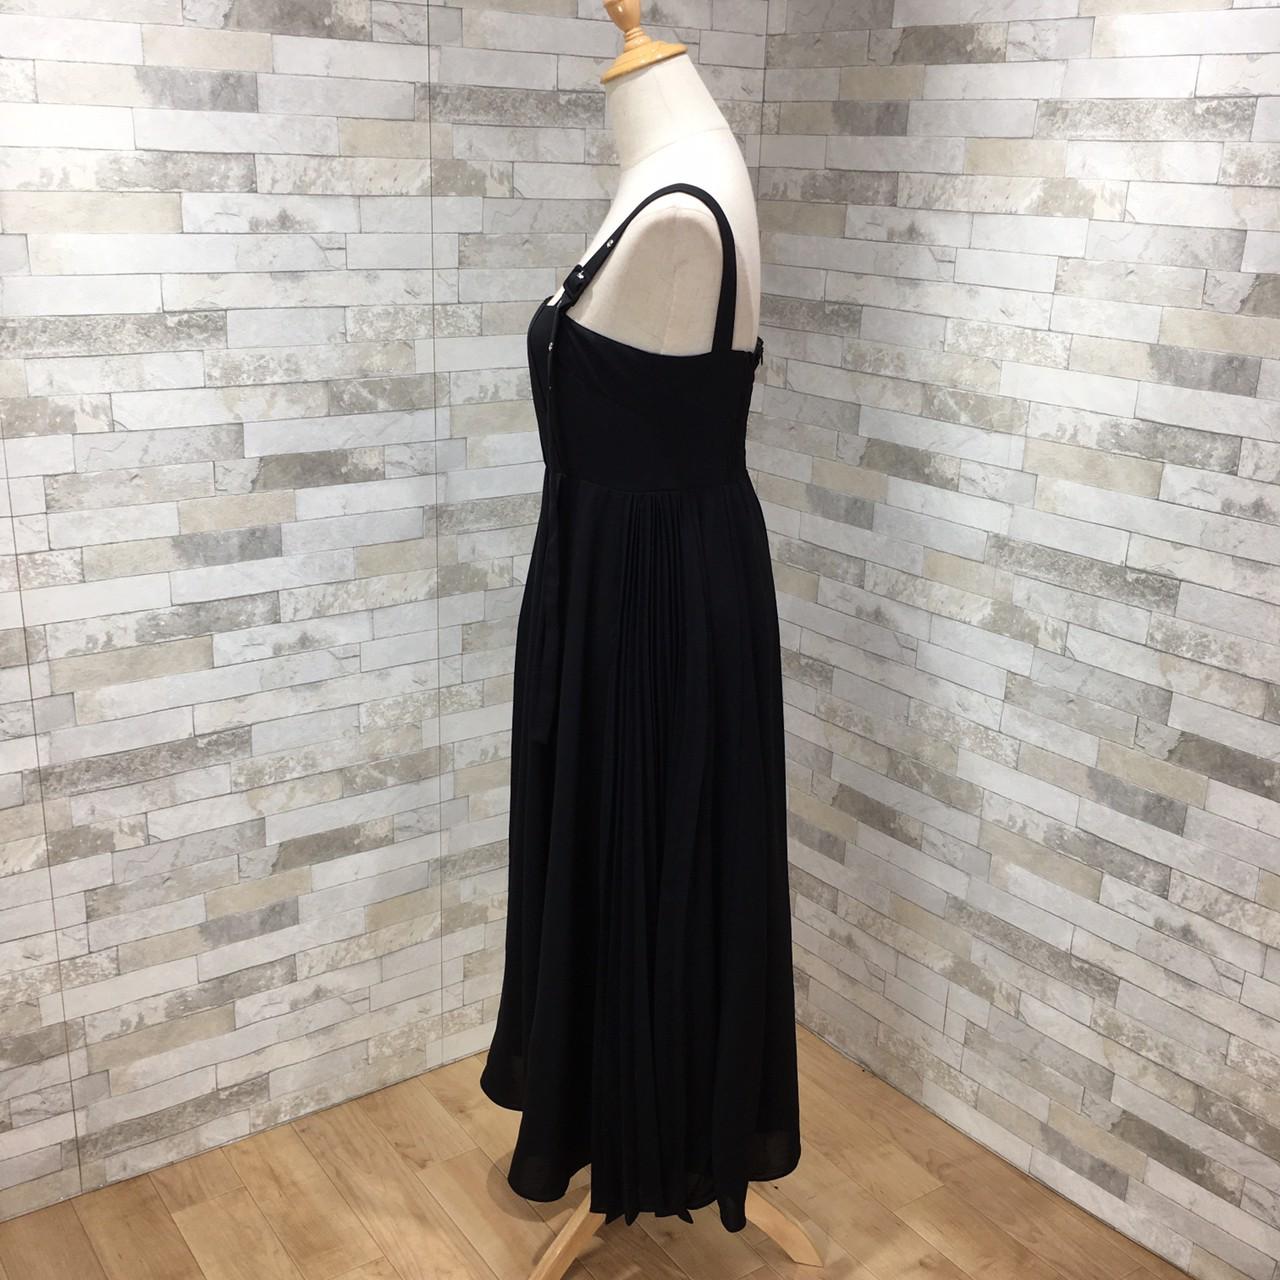 韓国 ファッション ワンピース 春 夏 秋 カジュアル PTXI015  タック ドレープ ジャンパースカート 着回し オルチャン シンプル 定番 セレカジの写真10枚目